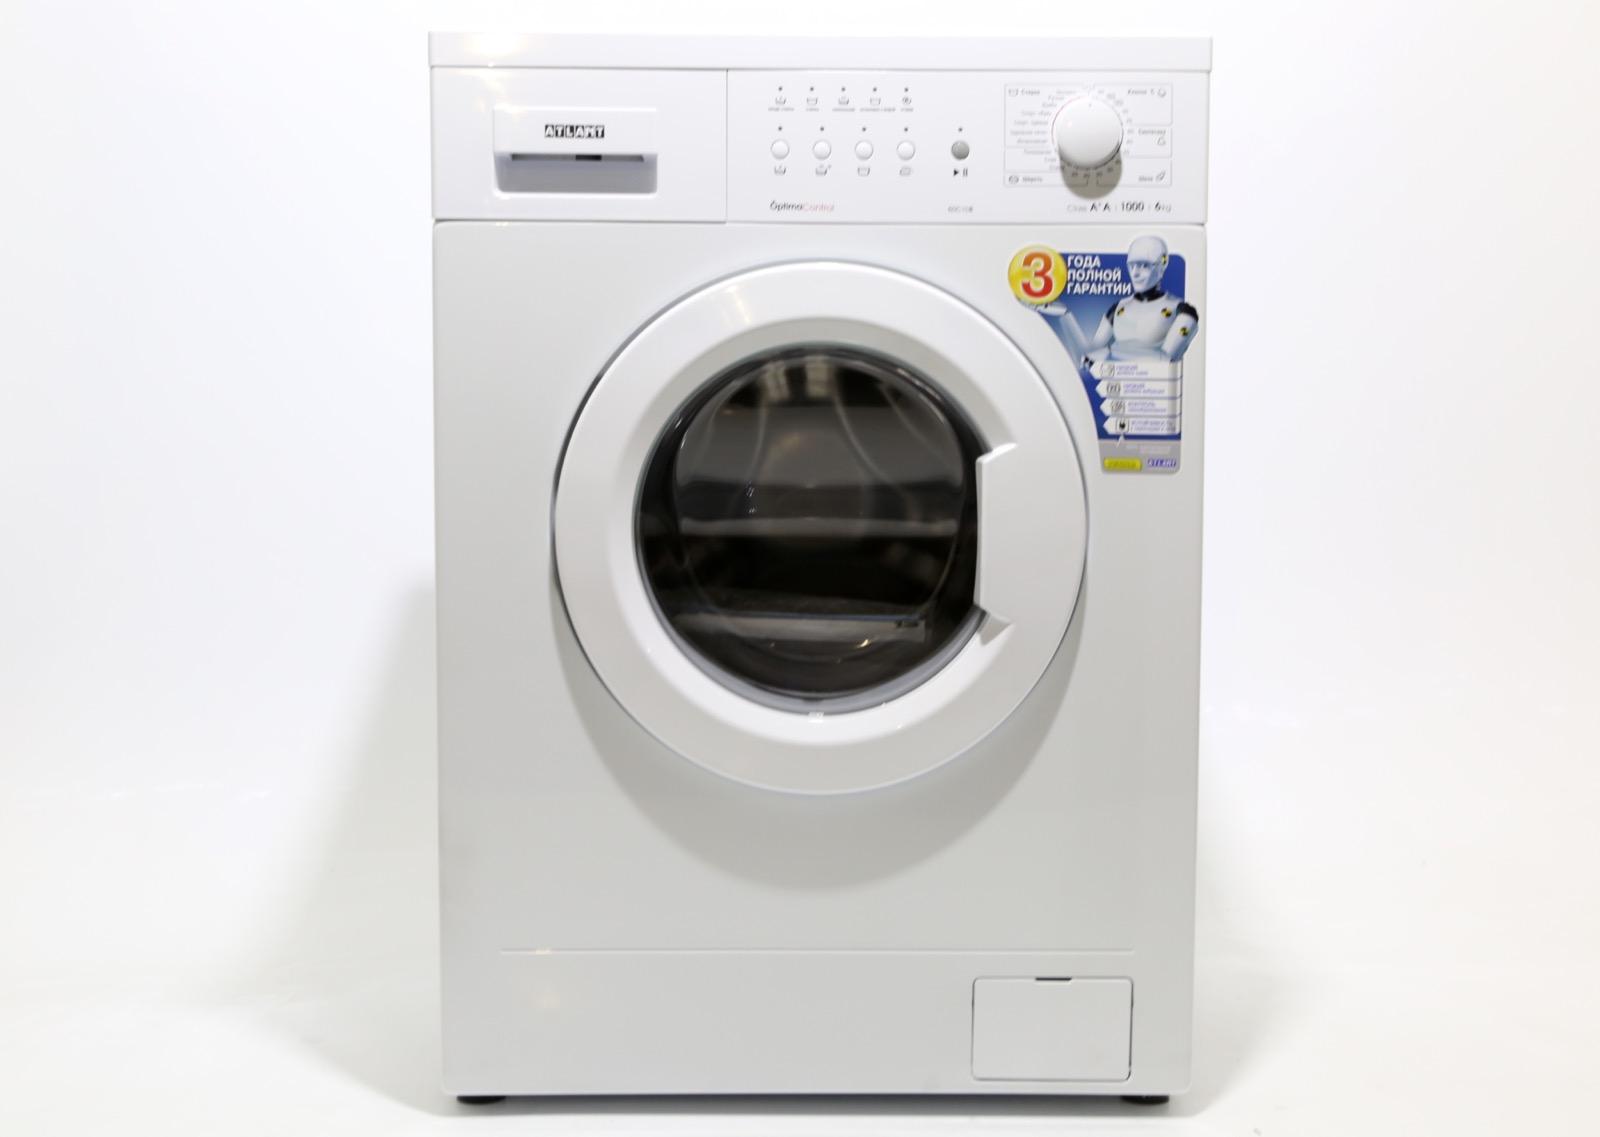 Ремонт своими руками стиральной машины атлант 45у102